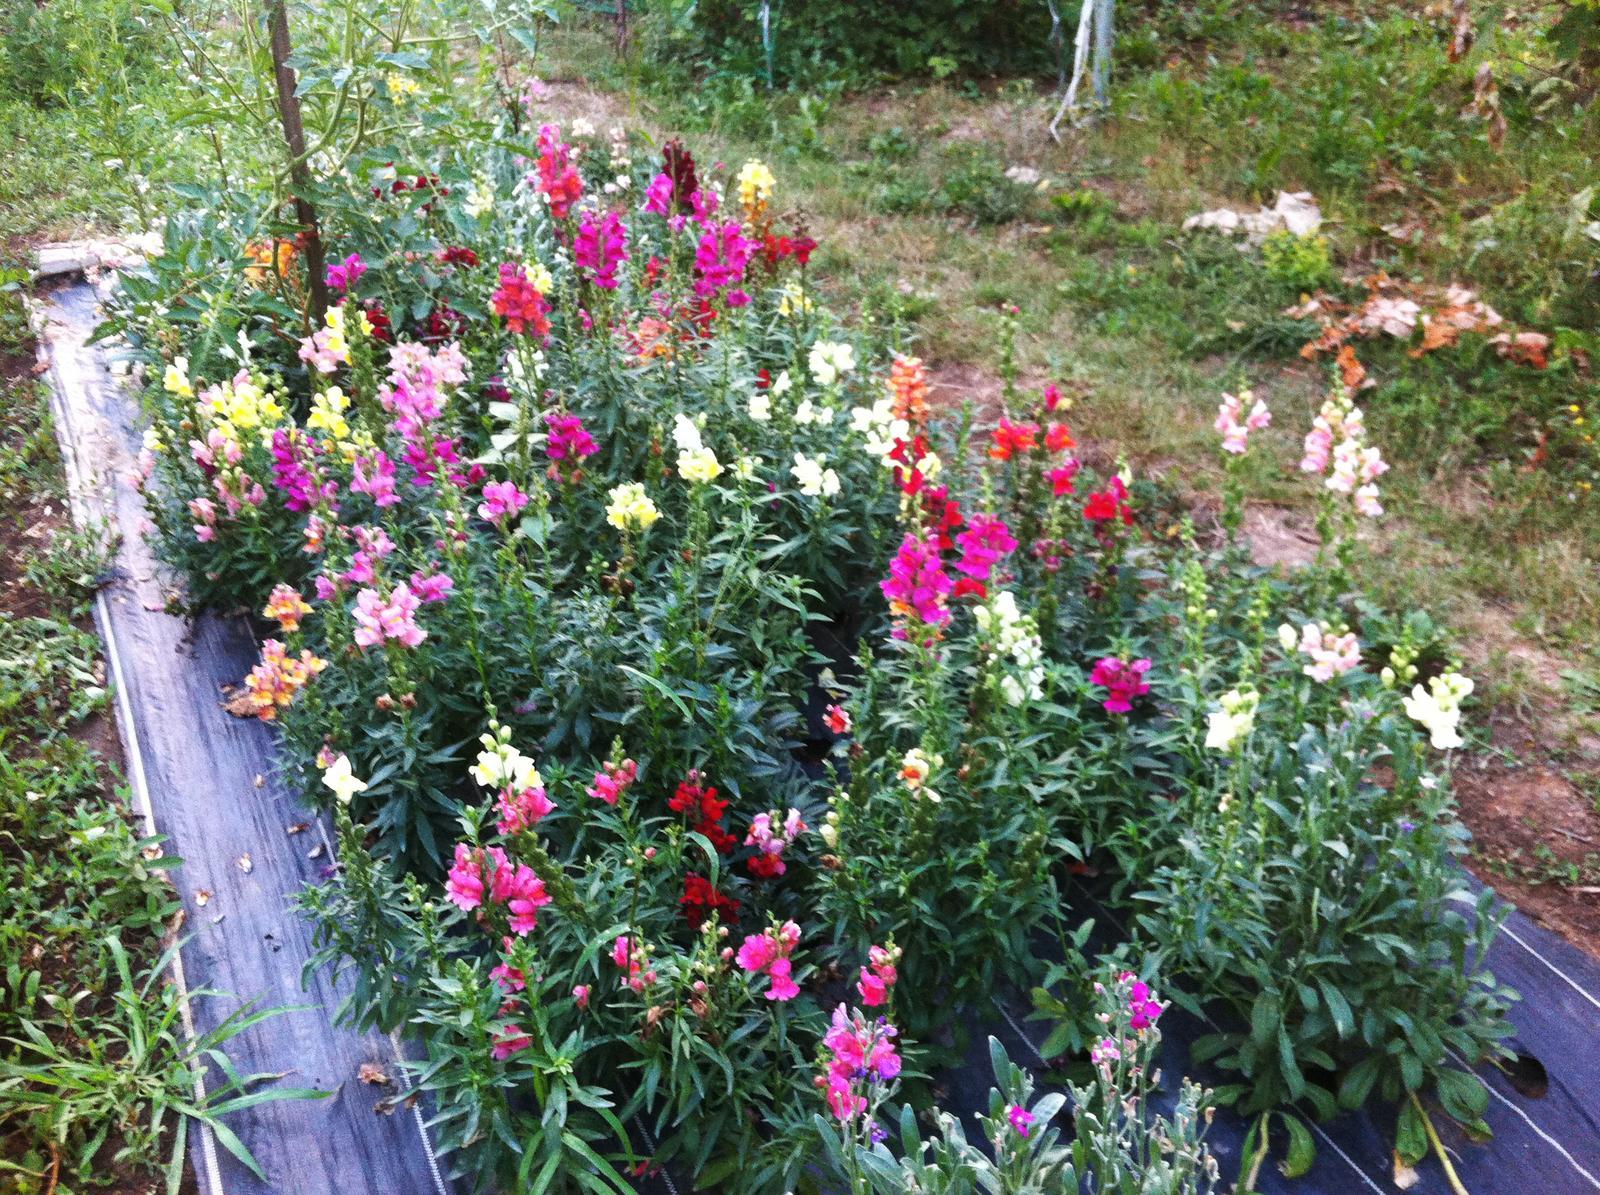 Vo víre kvetov... - Papulky - uplna farebna zmeska - skoda ze u nas sa malo kedy predavaju len jednofarebne - asi budem zvazovat, ze z tych najkrajsich si vezmem semienka na dalsi rok